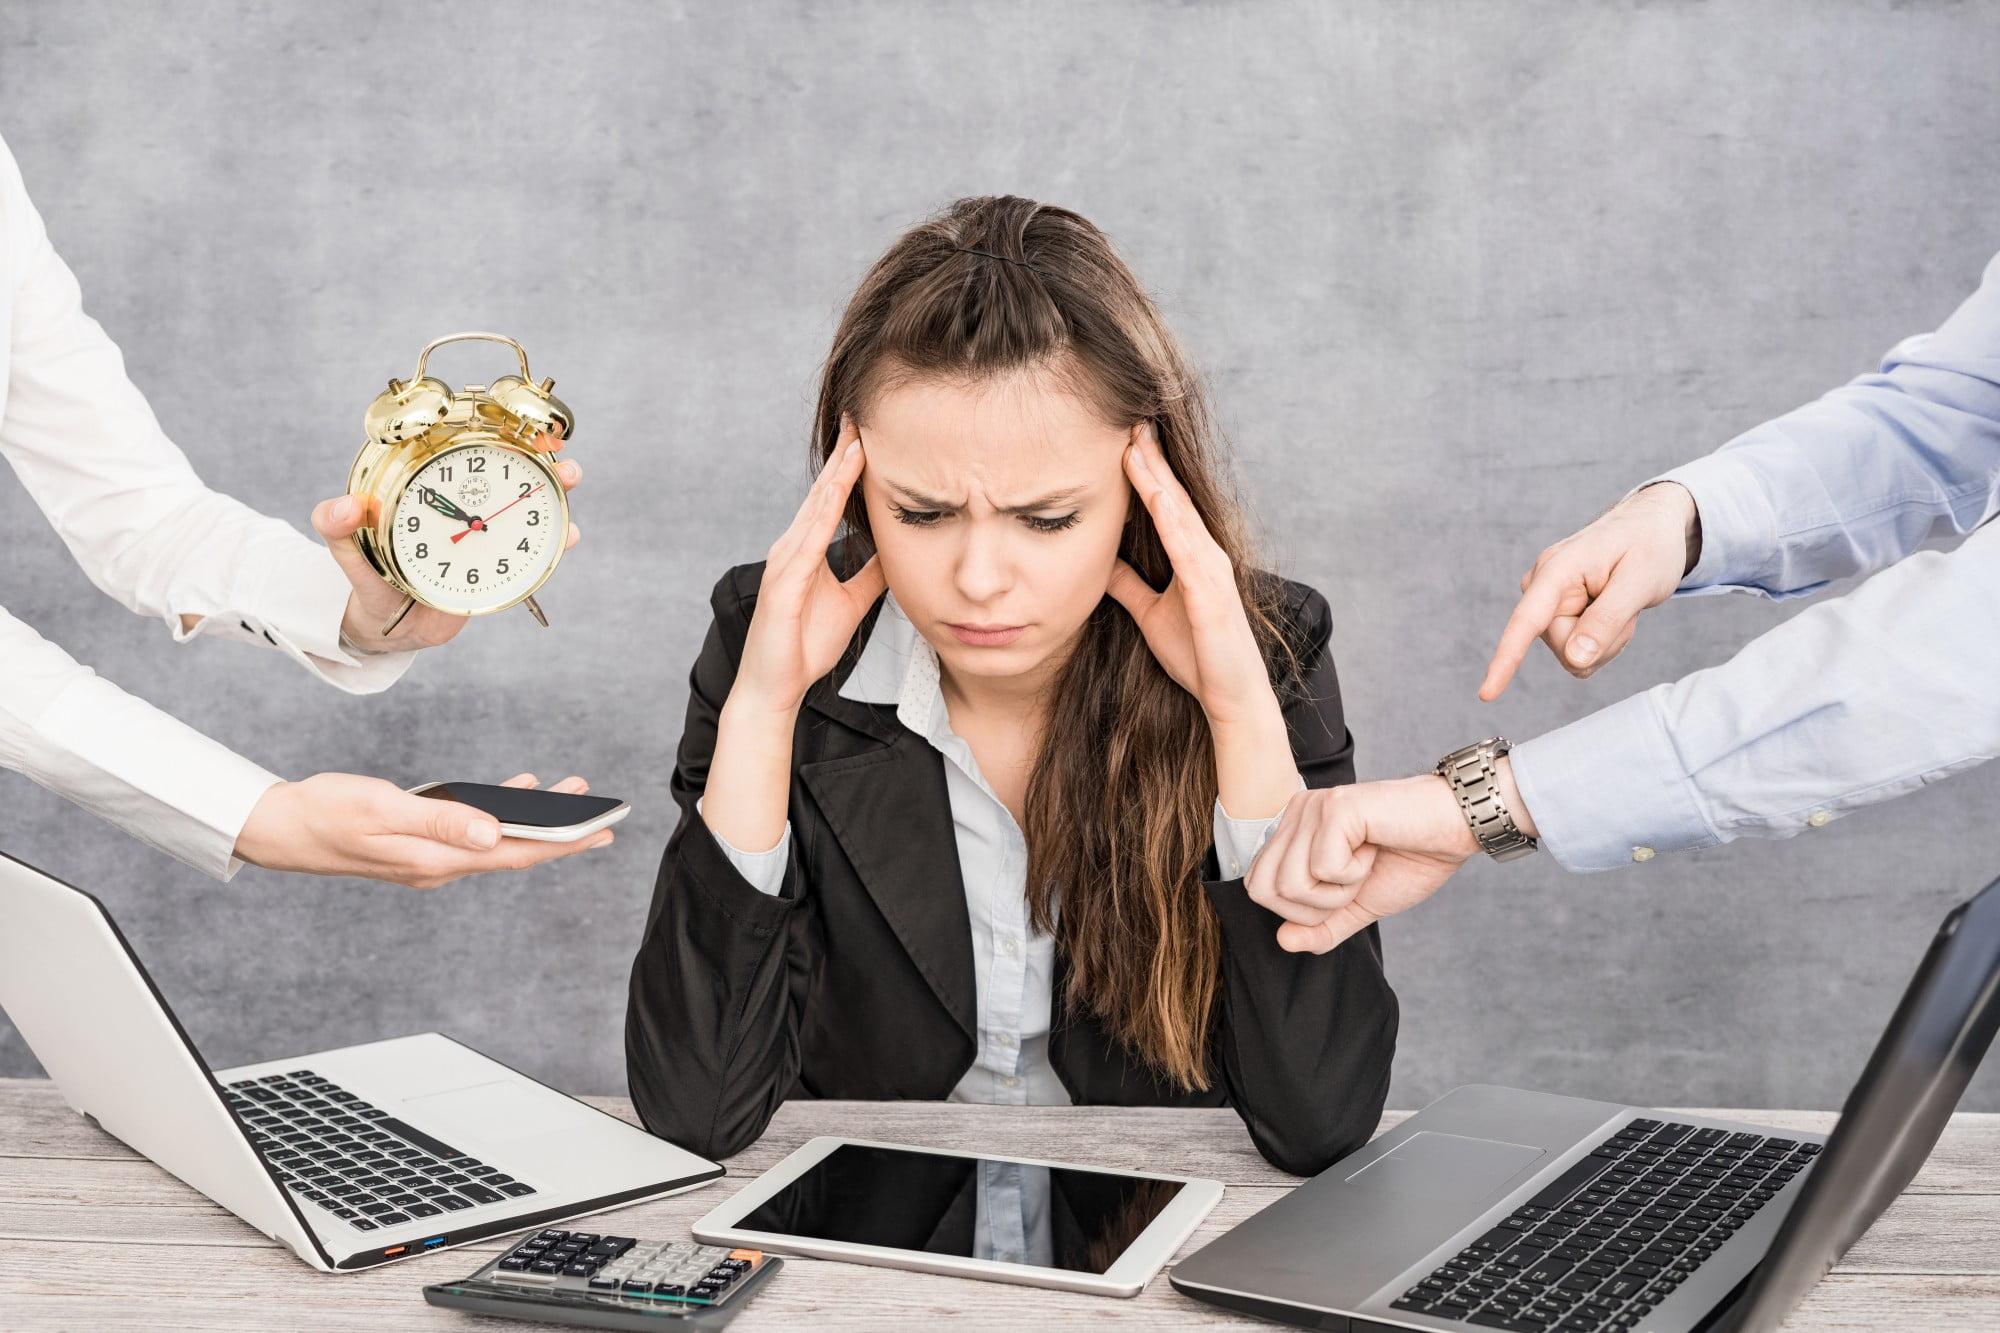 Umorul – soluție inedită pentru starea de burnout profesional